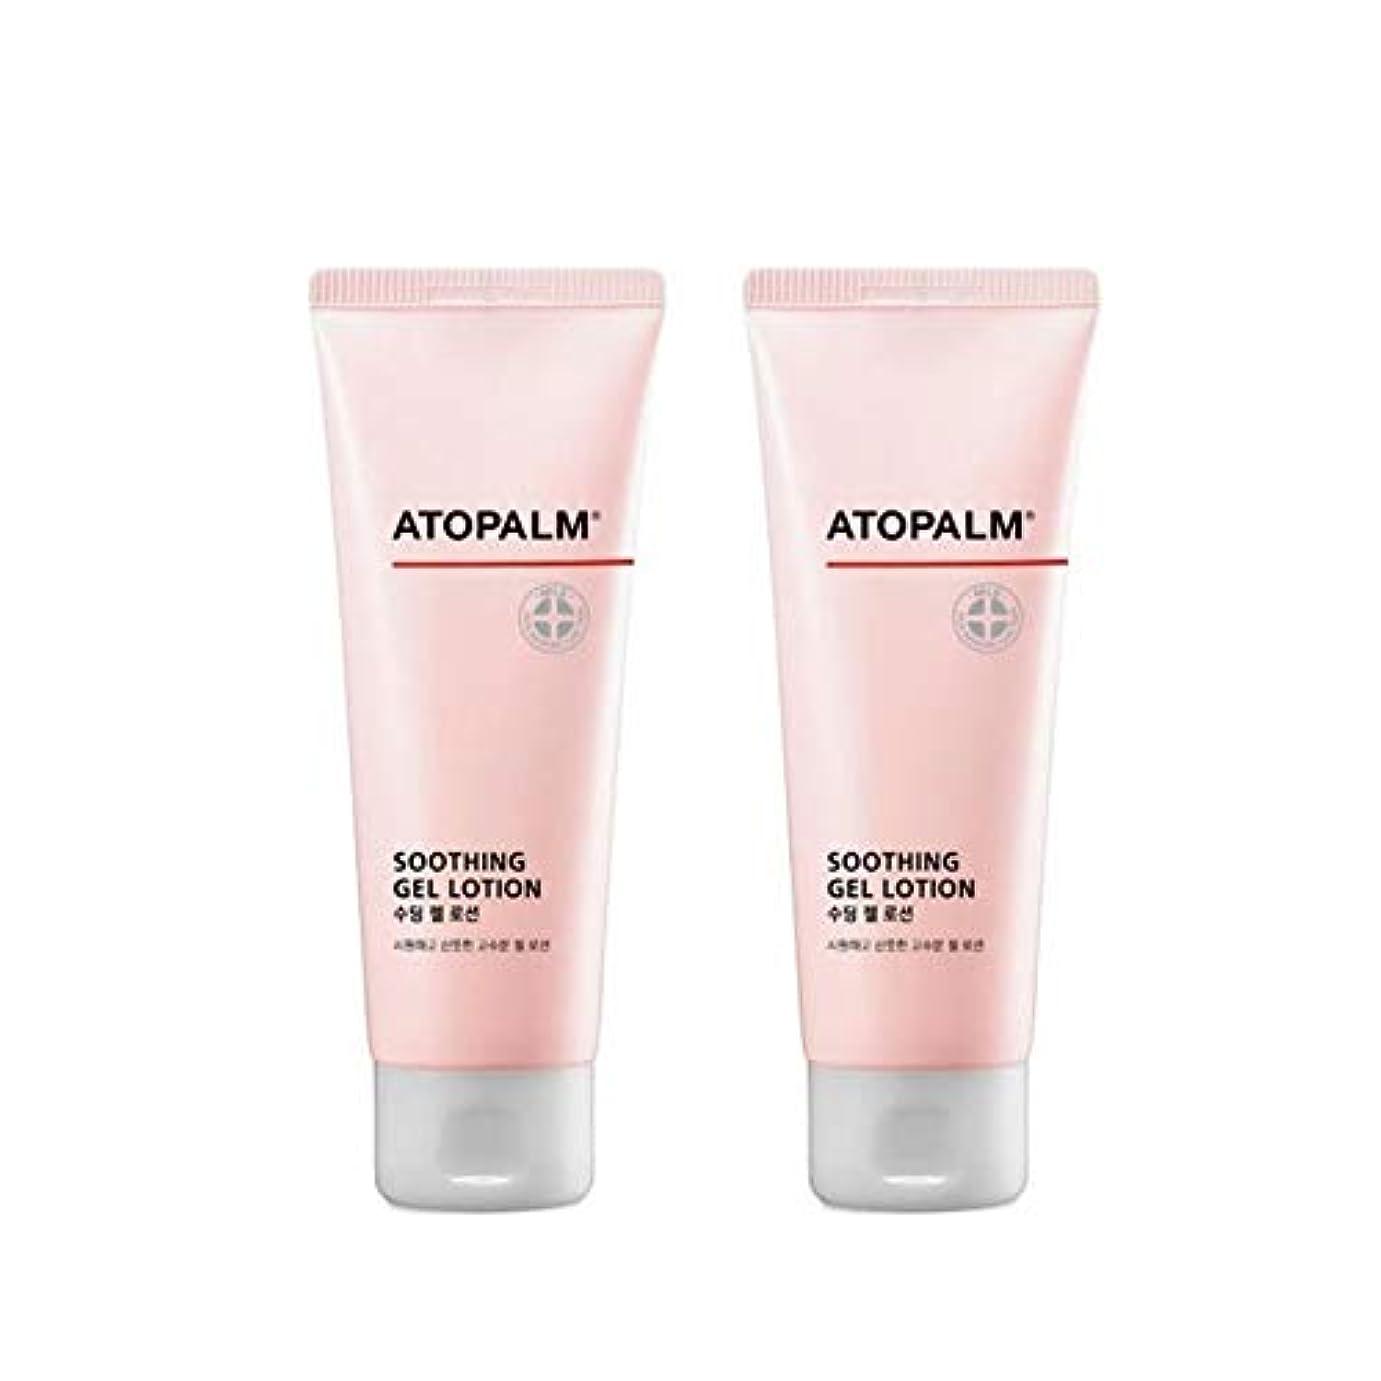 ライナーエイズ議題アトパムスディンジェルローション120mlx2本セットベビーローション韓国コスメ、Atopalm Soothing Gel Lotion 120ml x 2ea Set Baby Lotion Korean Cosmetics...